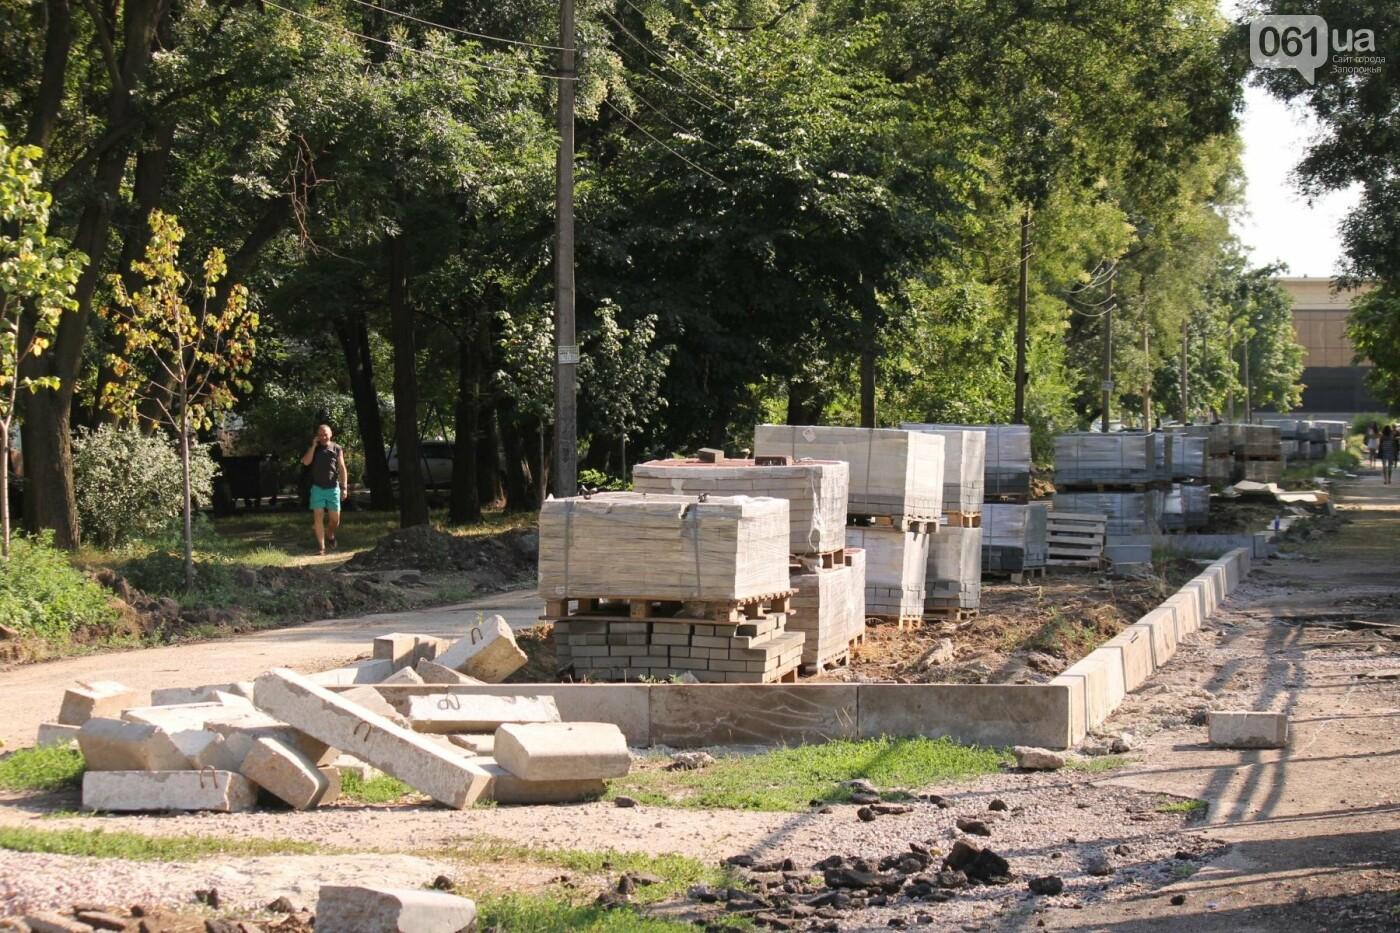 В Запорожье спешат до конца лета закончить реконструкцию аллеи на Якова Новицкого: на каком этапе работы, – ФОТОРЕПОРТАЖ, фото-15